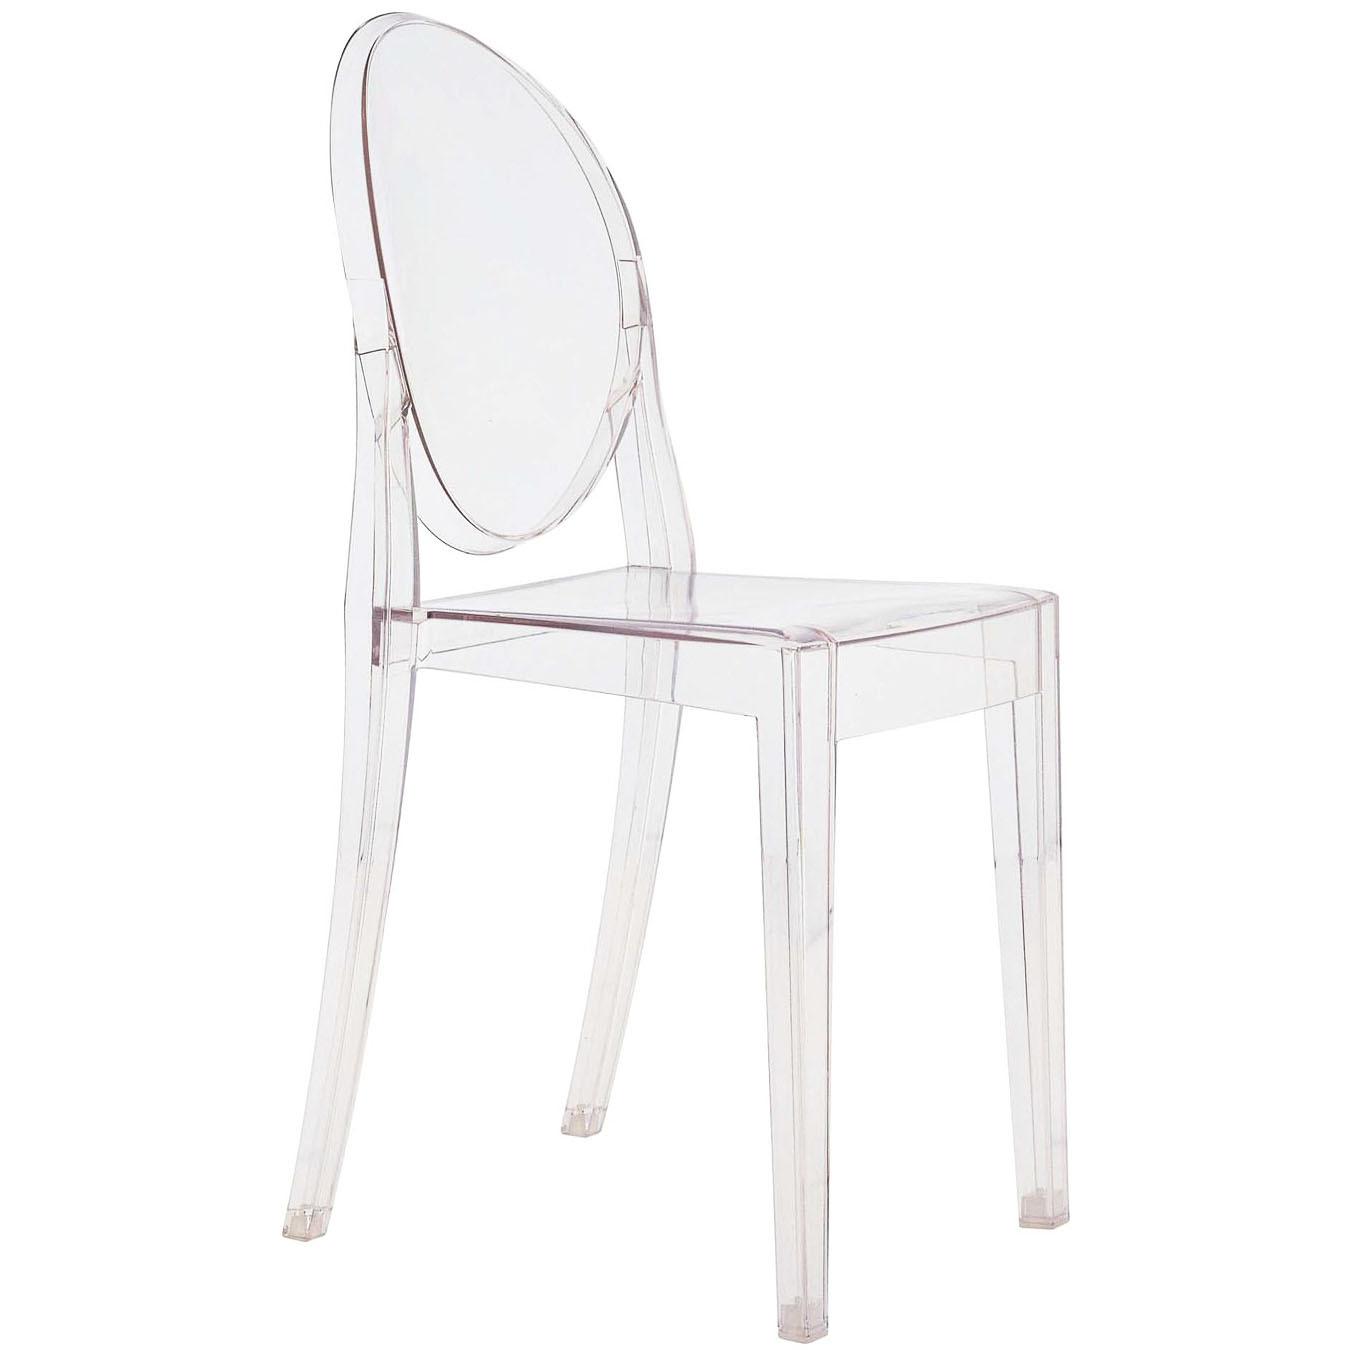 Victoria Ghost   Philippe Starck   Kartell  En stol med klassiska linjer. Ryggstödet har tagit sin runda form från antika medaljonger medan sitsen är geometrisk och rak. Den är stadig, bekväm och kan även stå ute. Materialet är transparent eller färgad poycarbonat. H: 89cm, SH: 46cm, B: 38cm, D: 52cm   Lagerstatus: I lager.